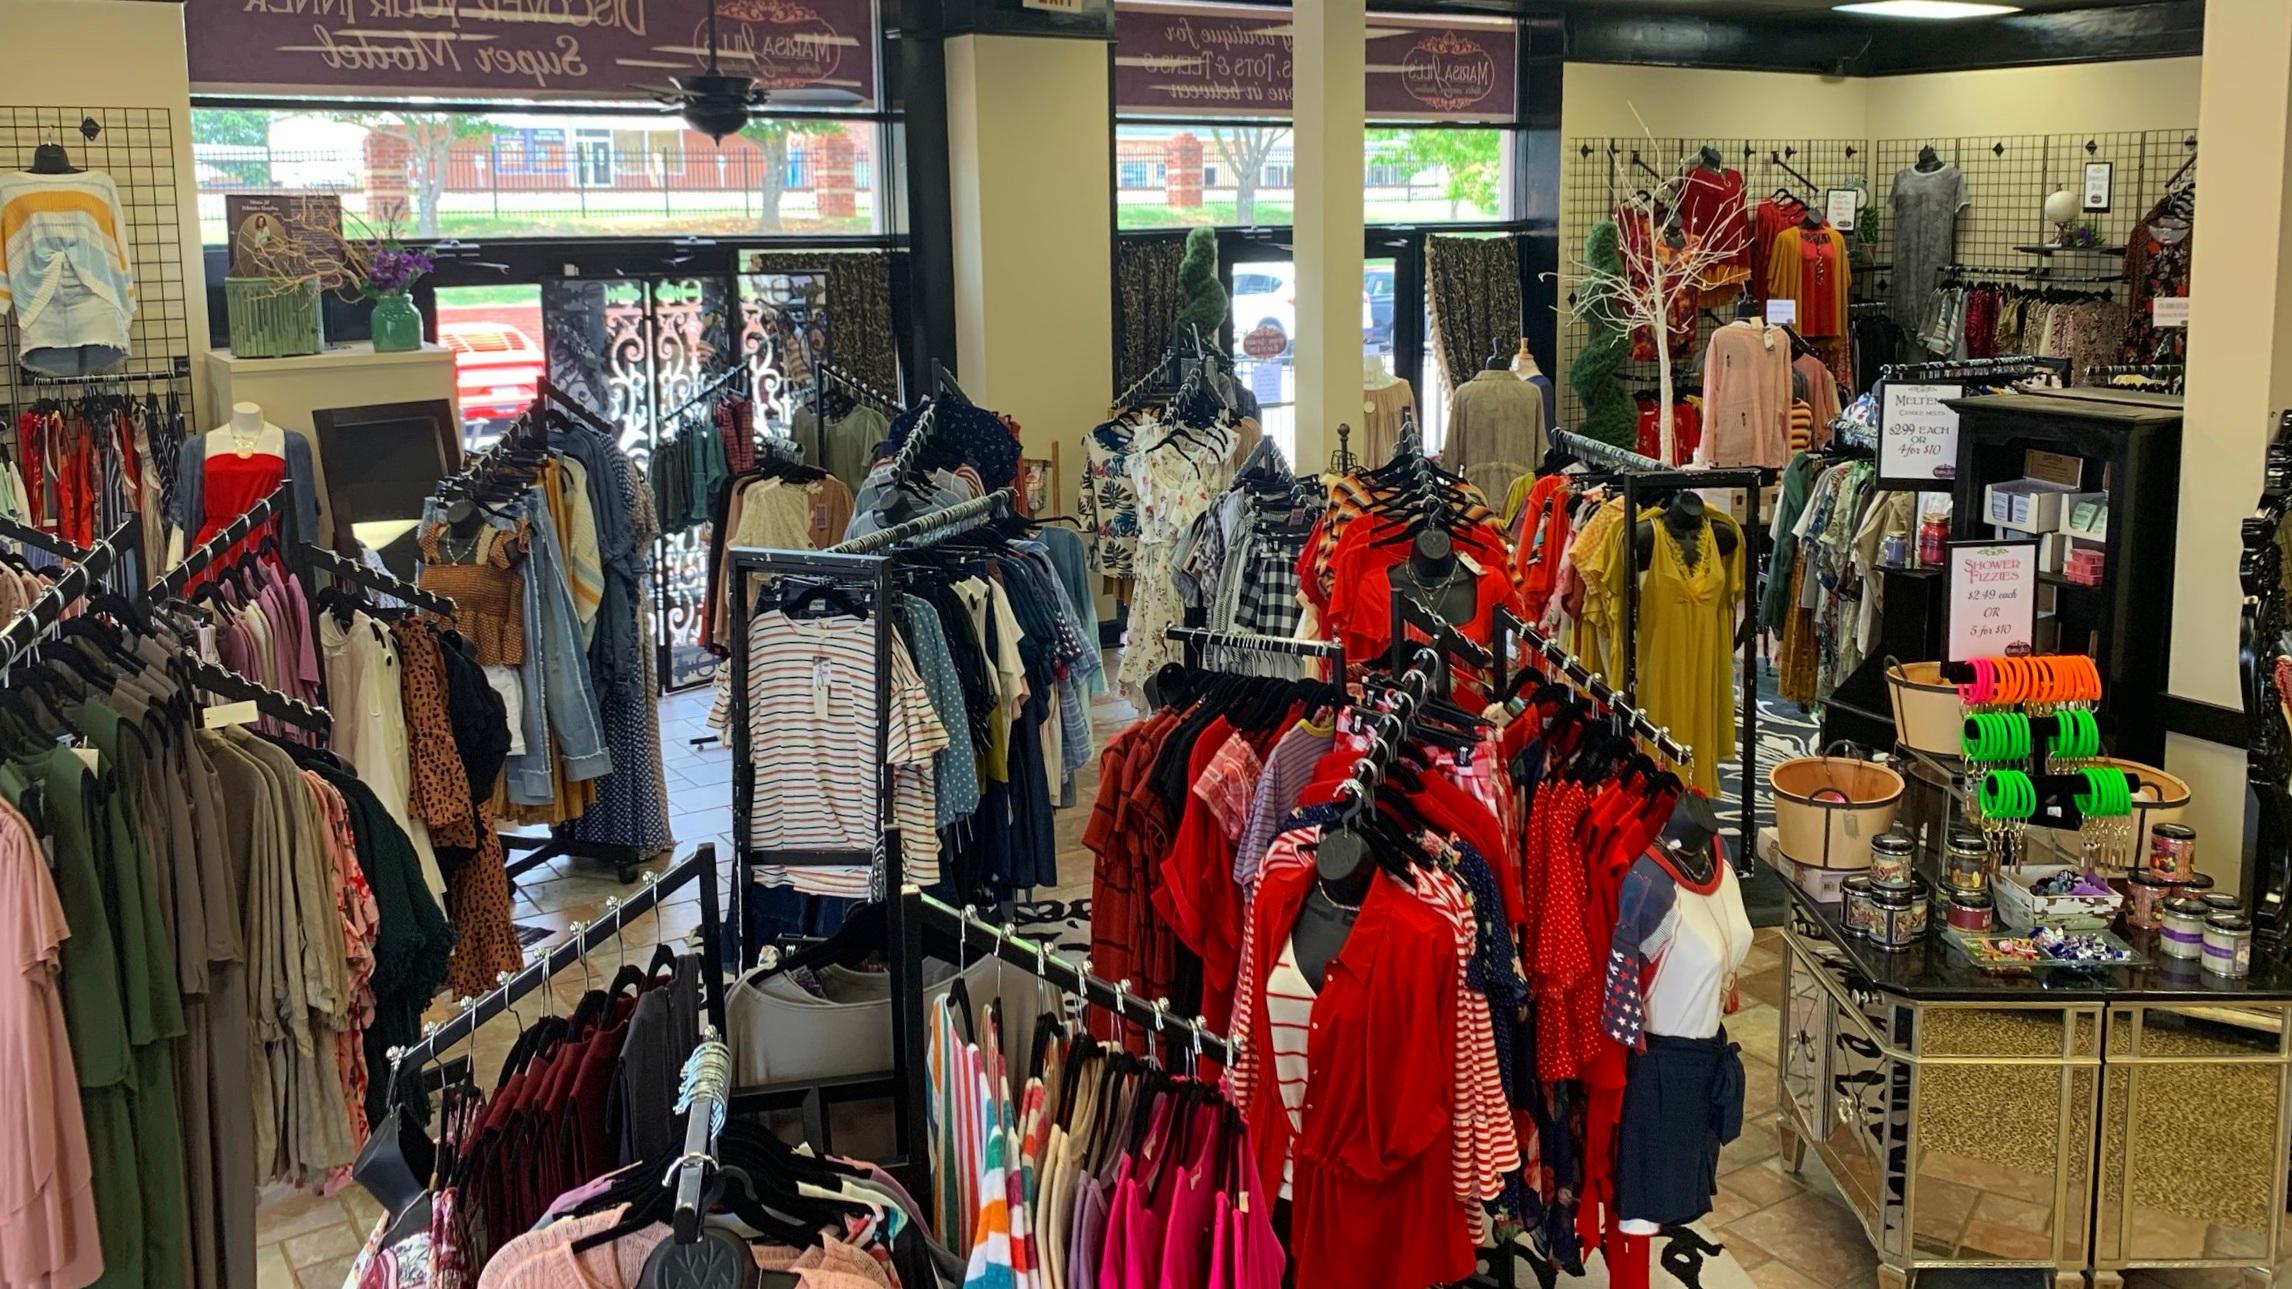 Marisa Jill's Boutique